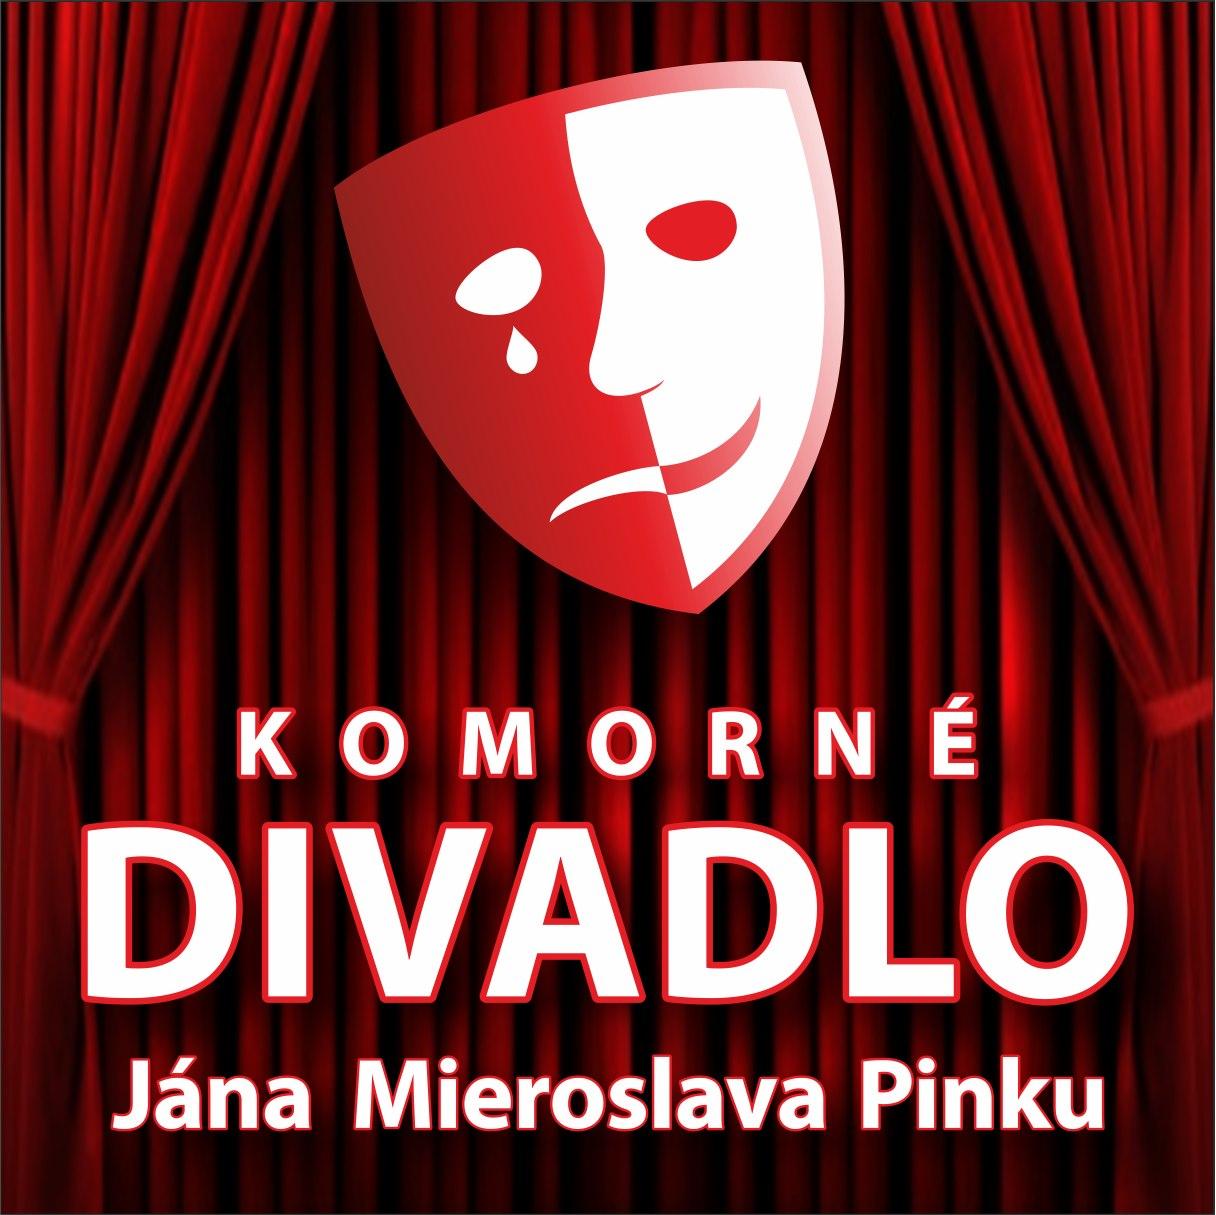 Komorné divadlo JMP